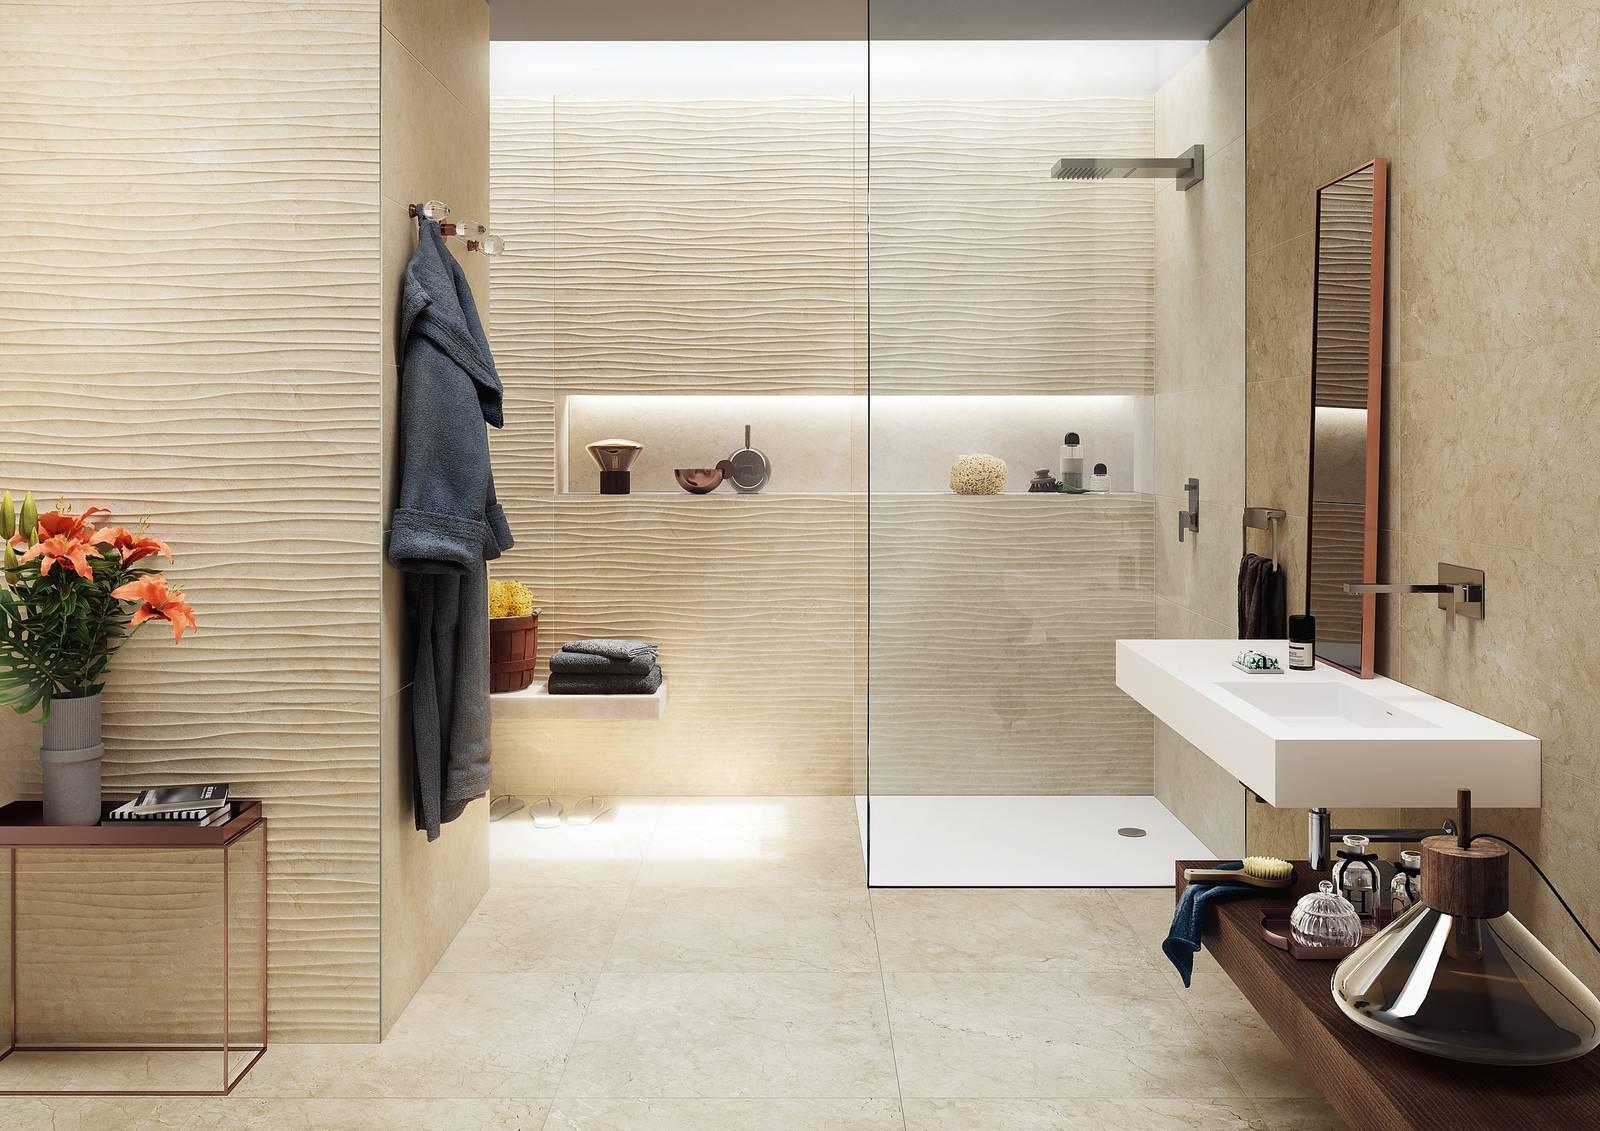 Bagni Da Sogno Classiche : Realizza il bagno dei tuoi sogni! cose di casa